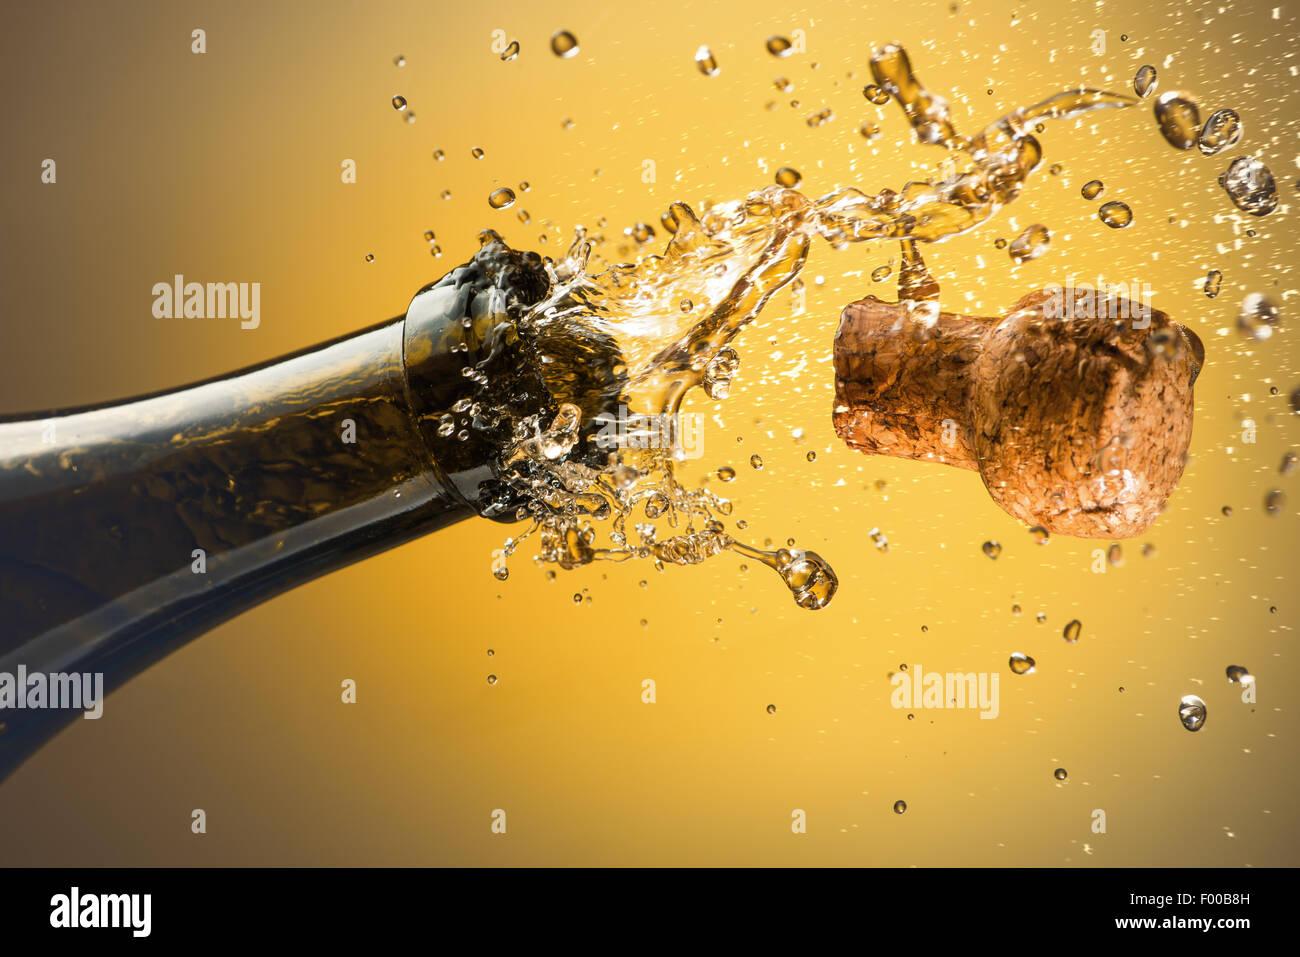 Öffnen eine Flasche Champagner. Feier-Konzept. Stockbild